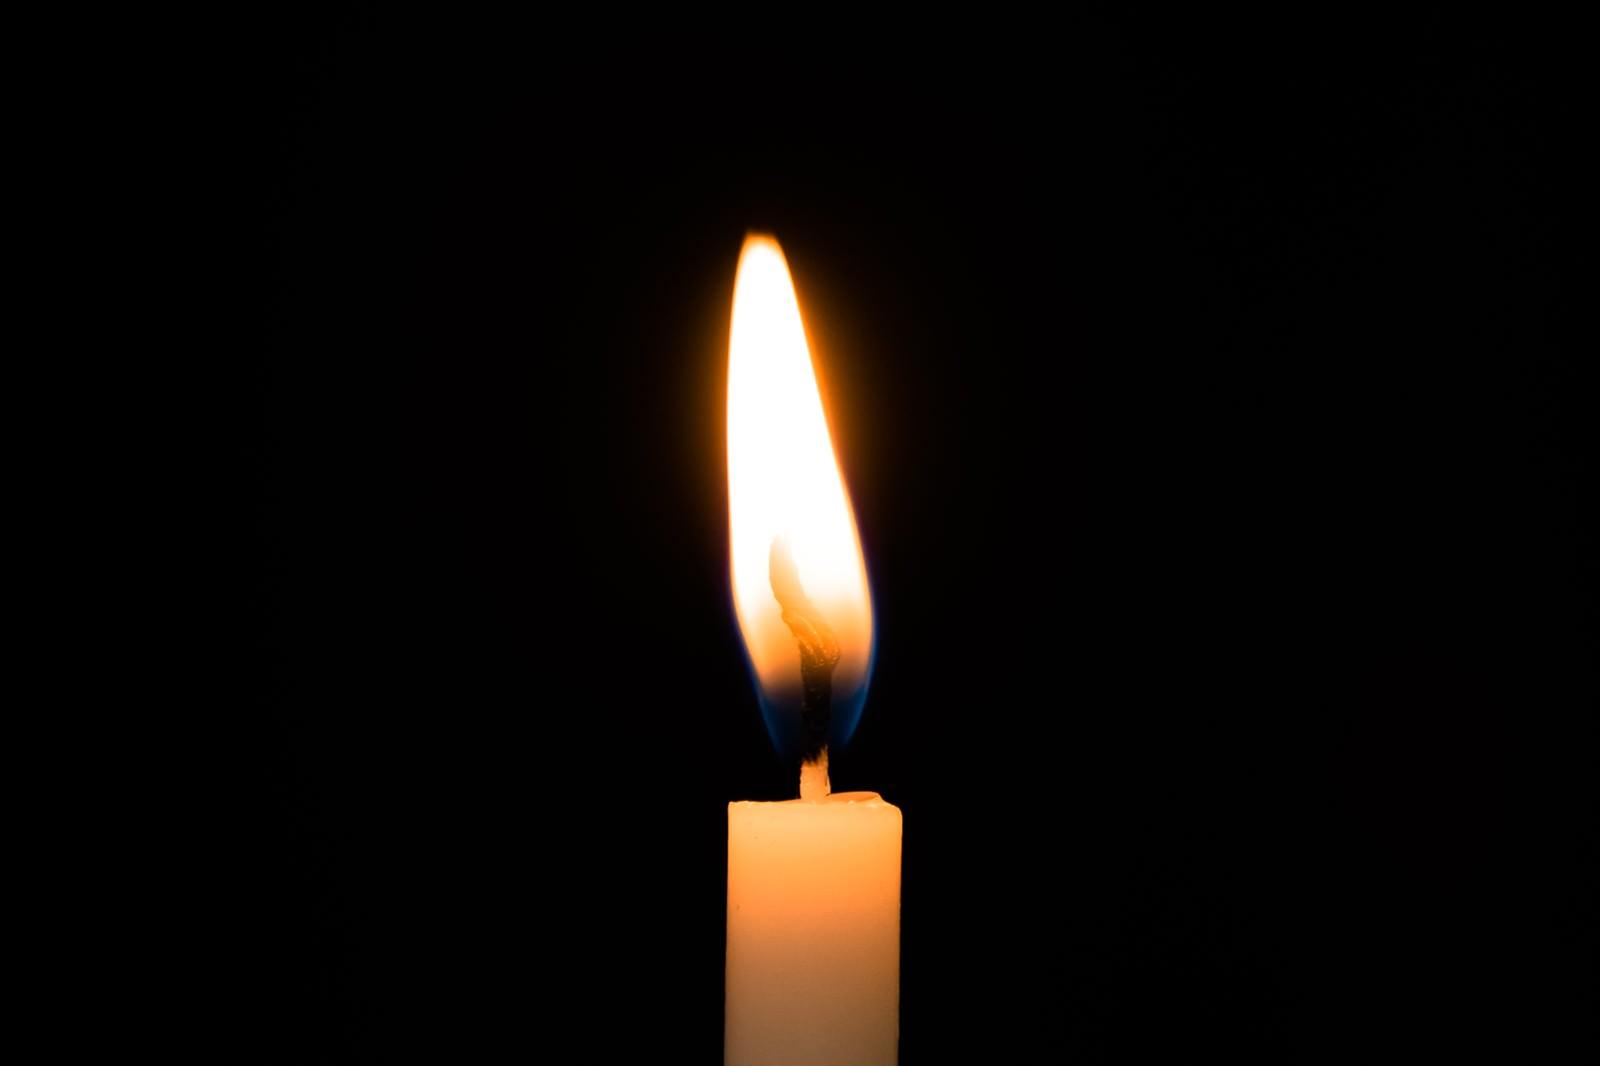 「ろうそくの炎」の写真